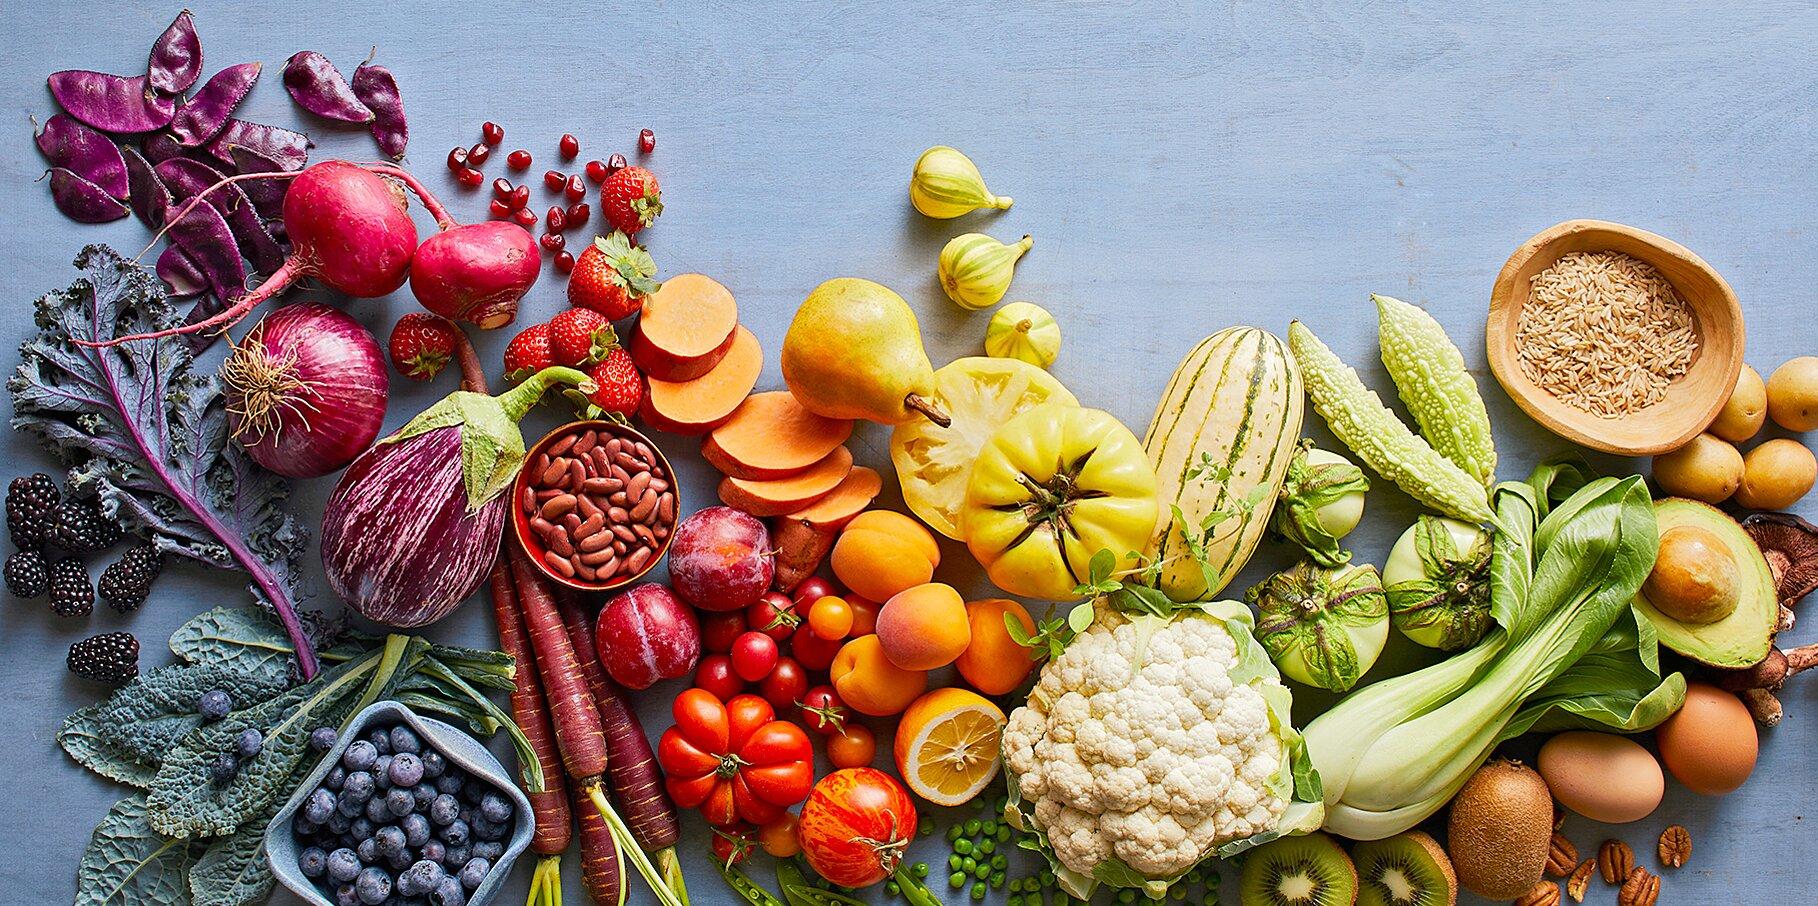 เลือกทานอาหารพวกผักและผลไม้จะดีกับร่างกายของเรา